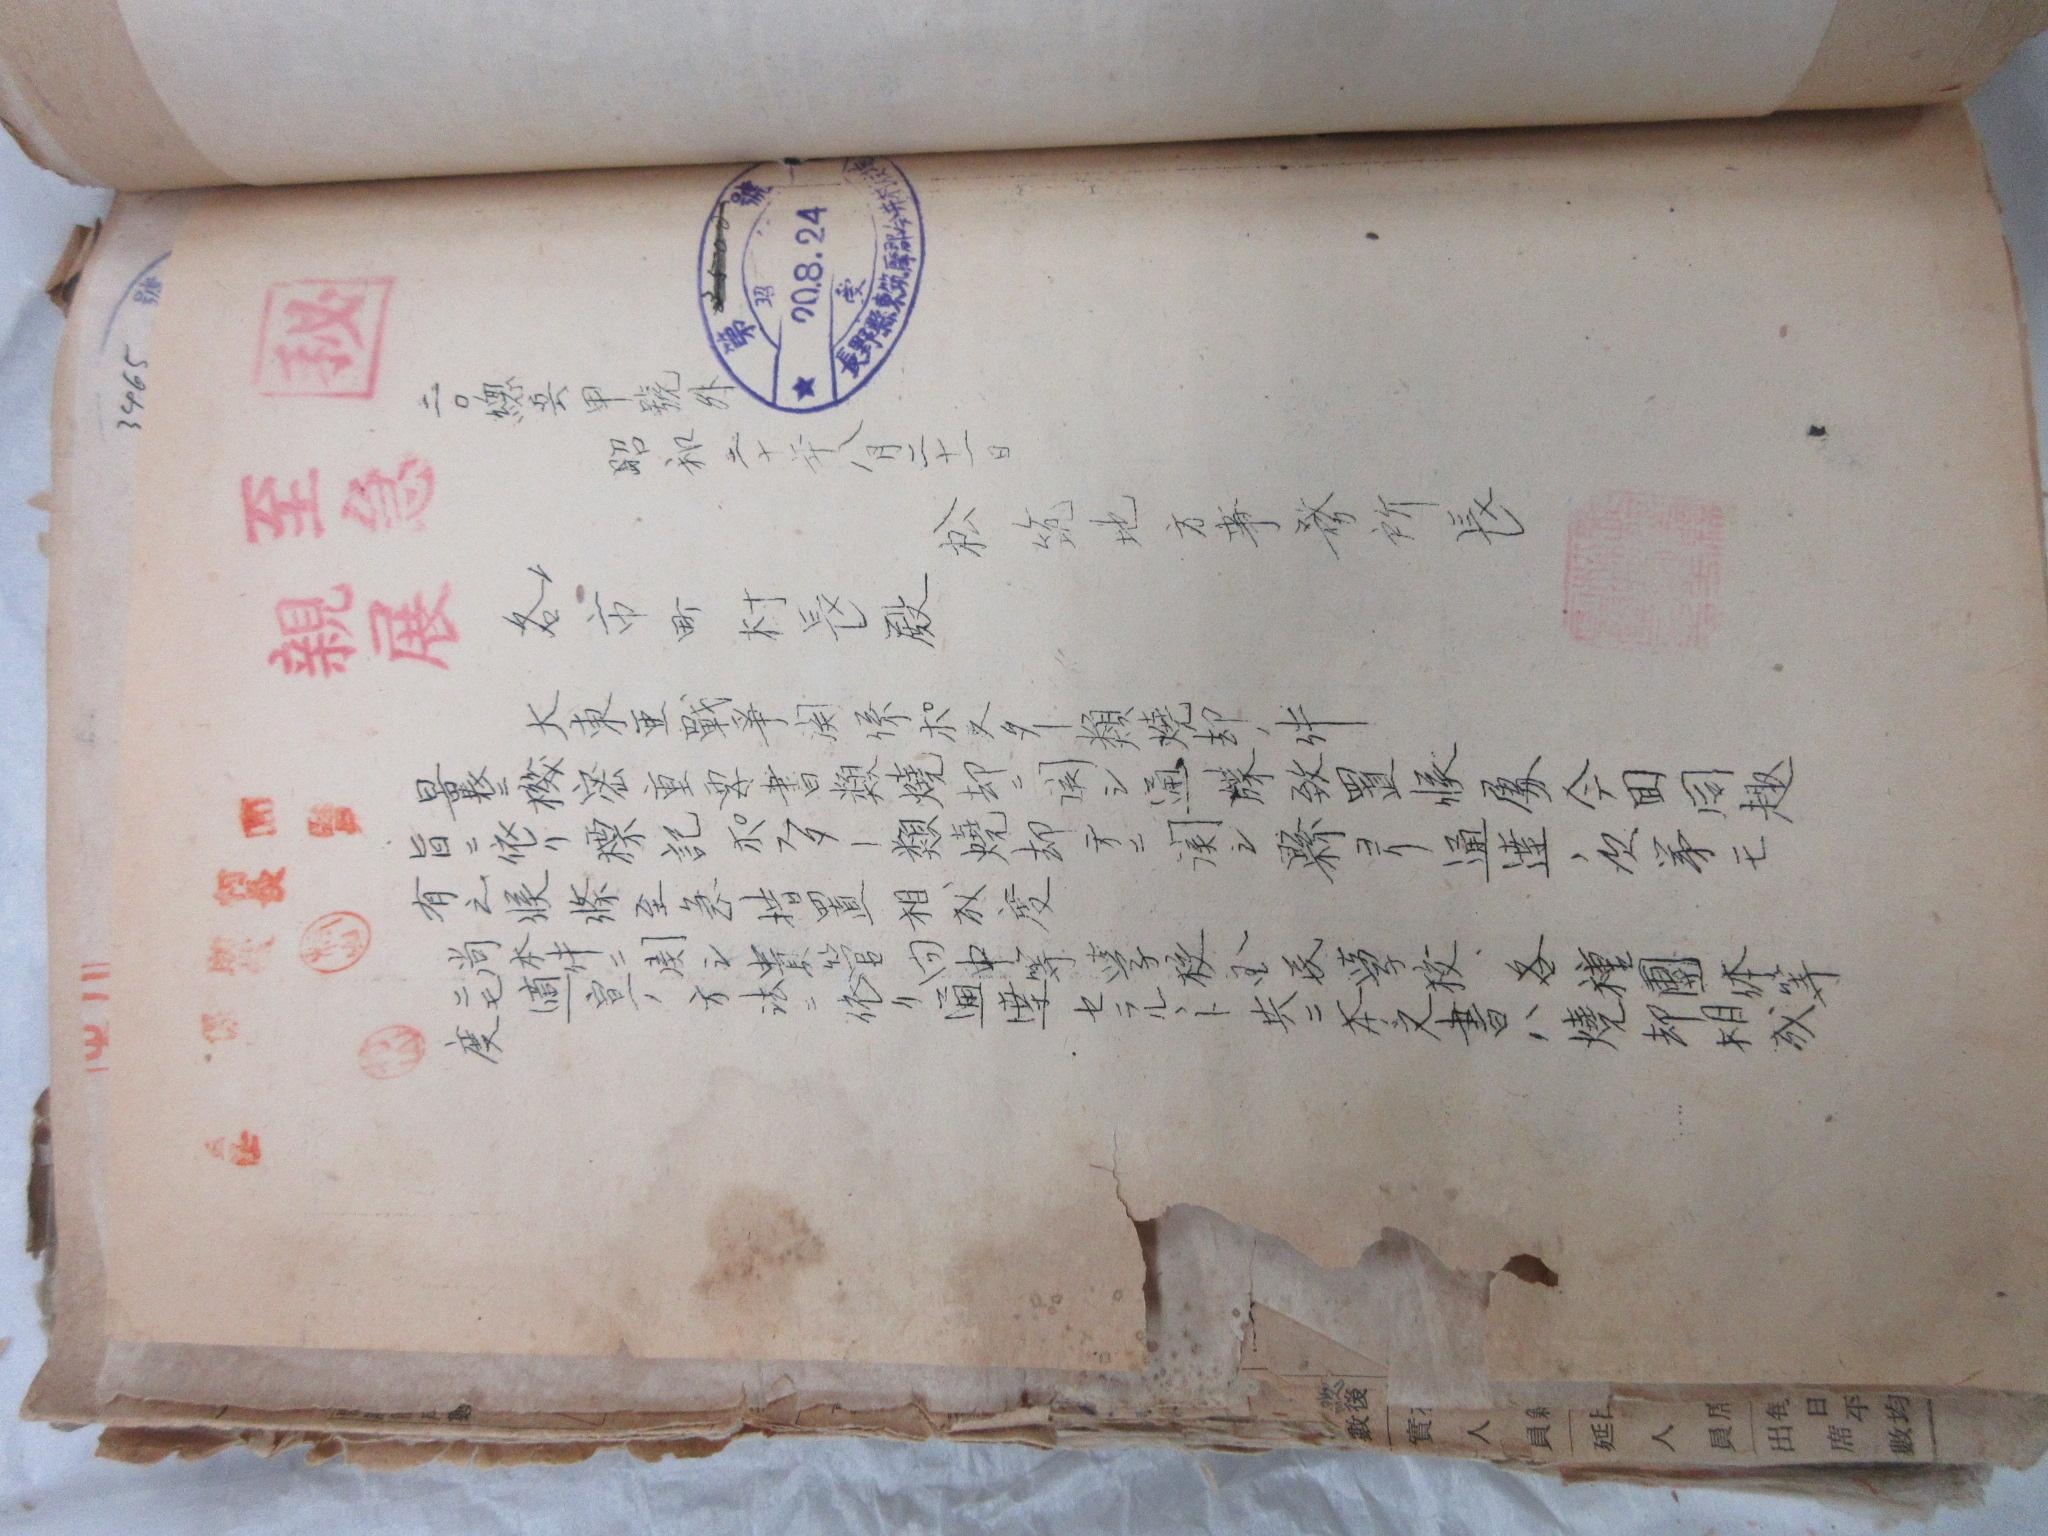 http://www.inoue-satoshi.com/diary/IMG_3152.JPG